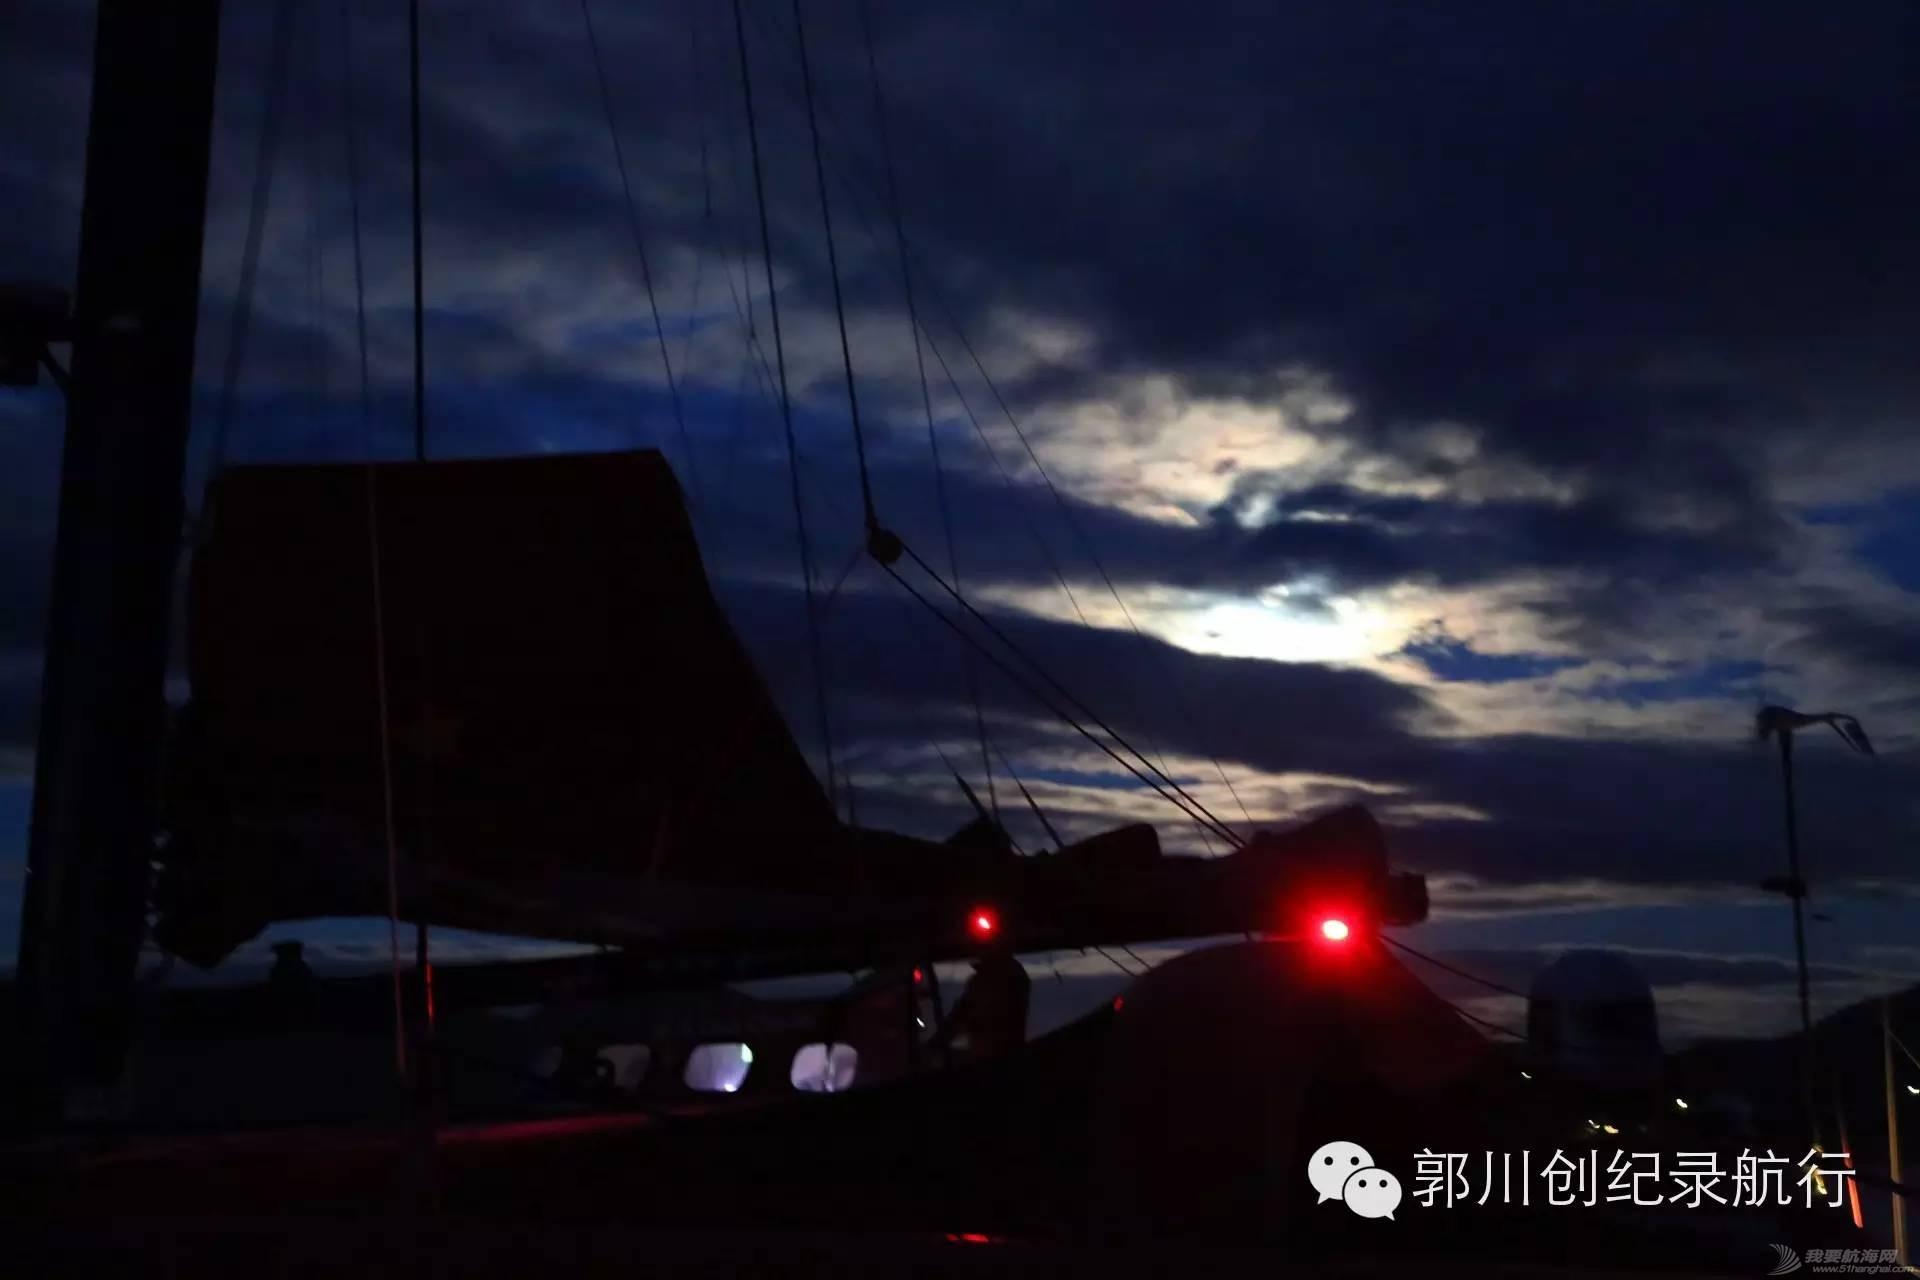 """新闻发布会,北京新闻,北冰洋,全世界,人情味 郭川的""""二合一""""航海计划——北冰洋创纪录航行+海上丝绸之路航行"""